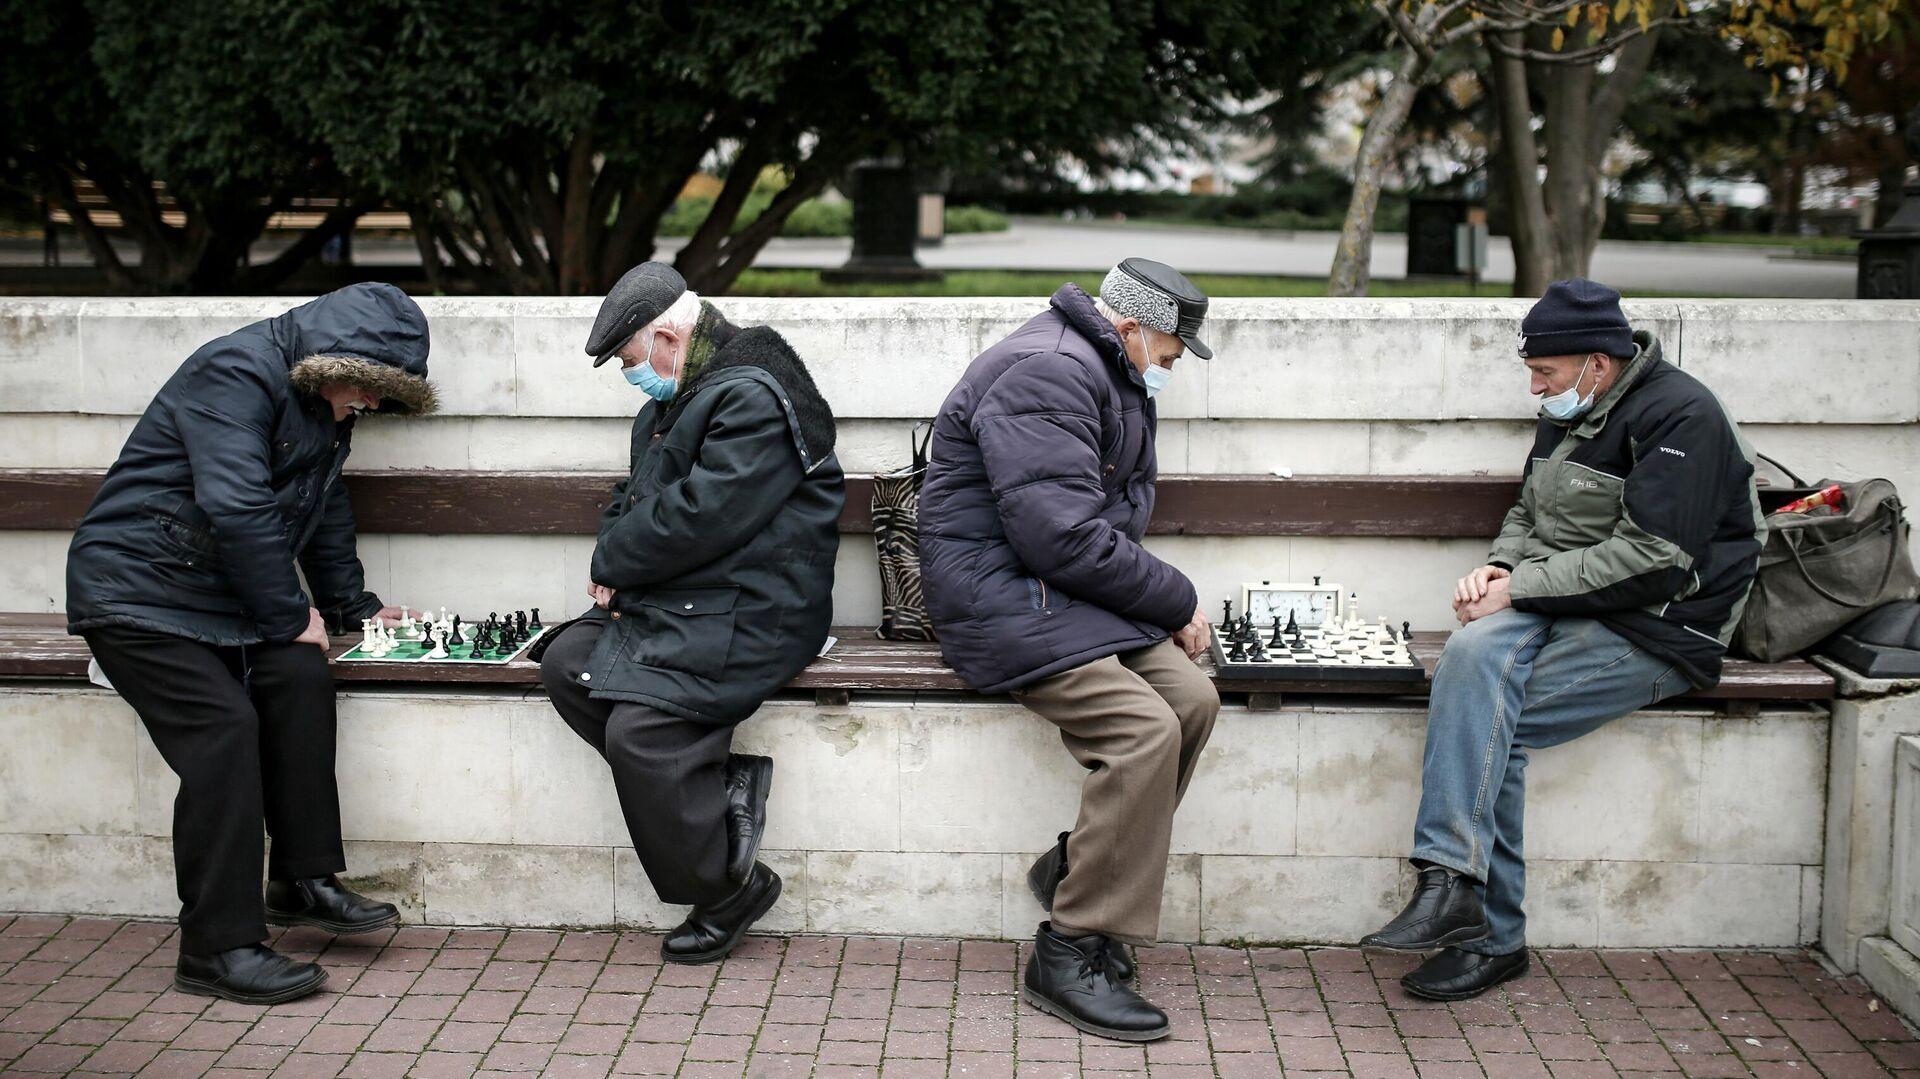 Мужчины играют в шахматы на Приморском бульваре в Севастополе - РИА Новости, 1920, 03.02.2021